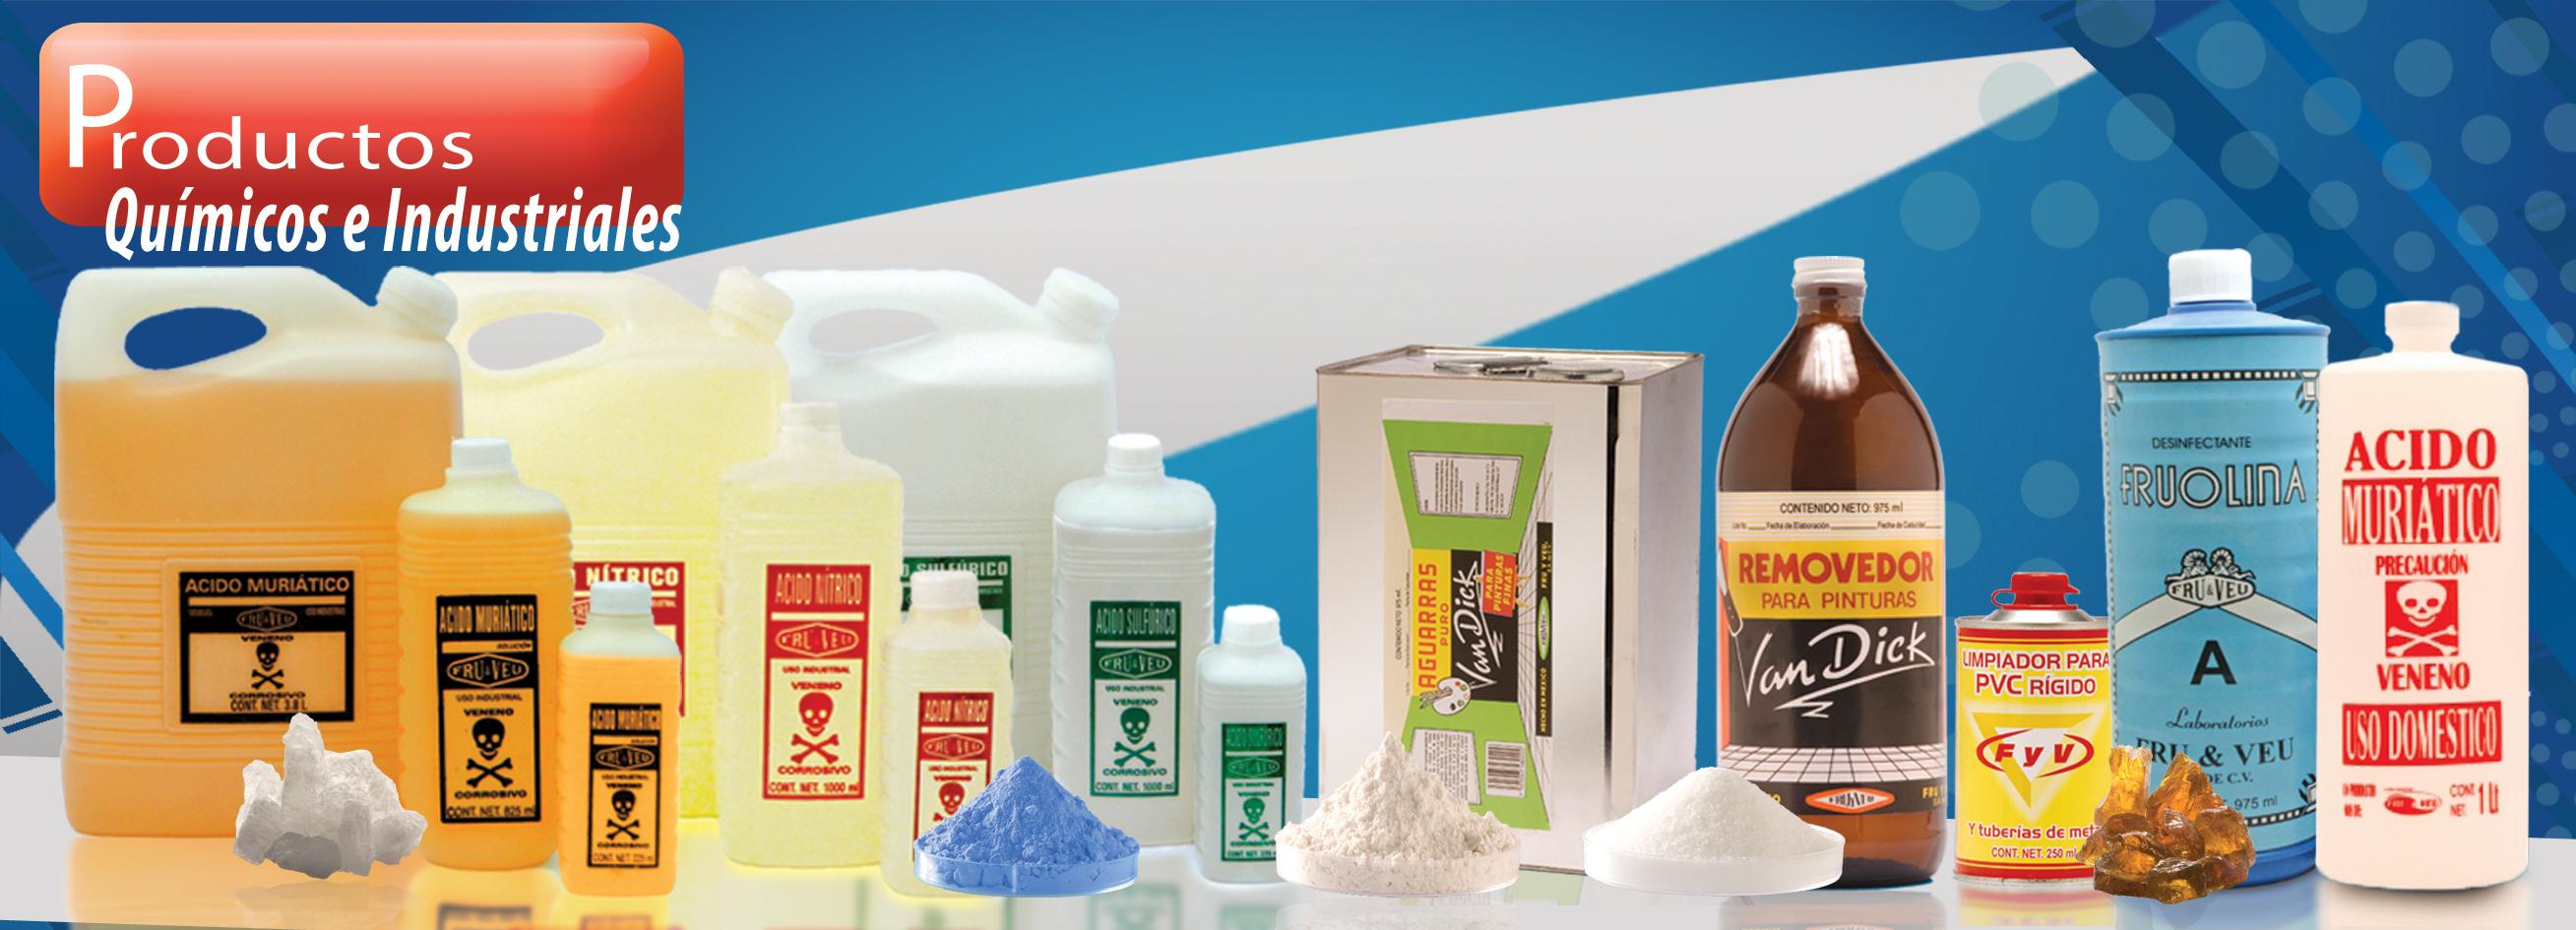 Productos Químicos e Industriales